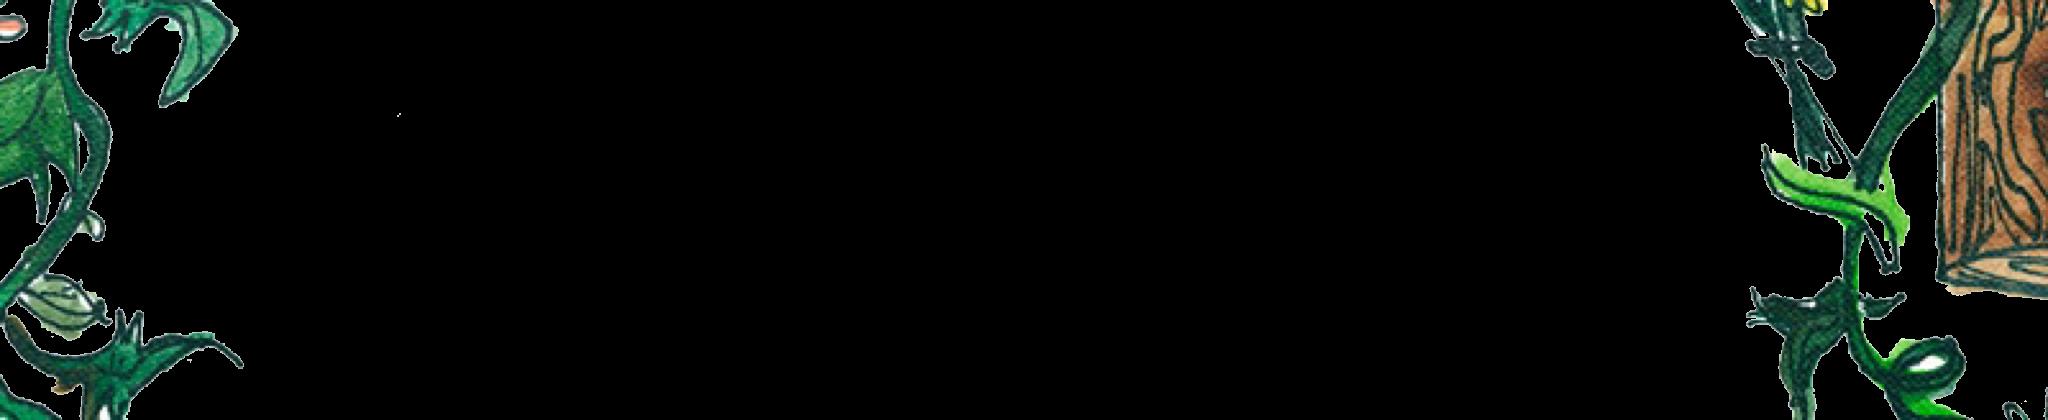 817152_DE_03_FC_4_F04_8_A58_3_CD35810_C2